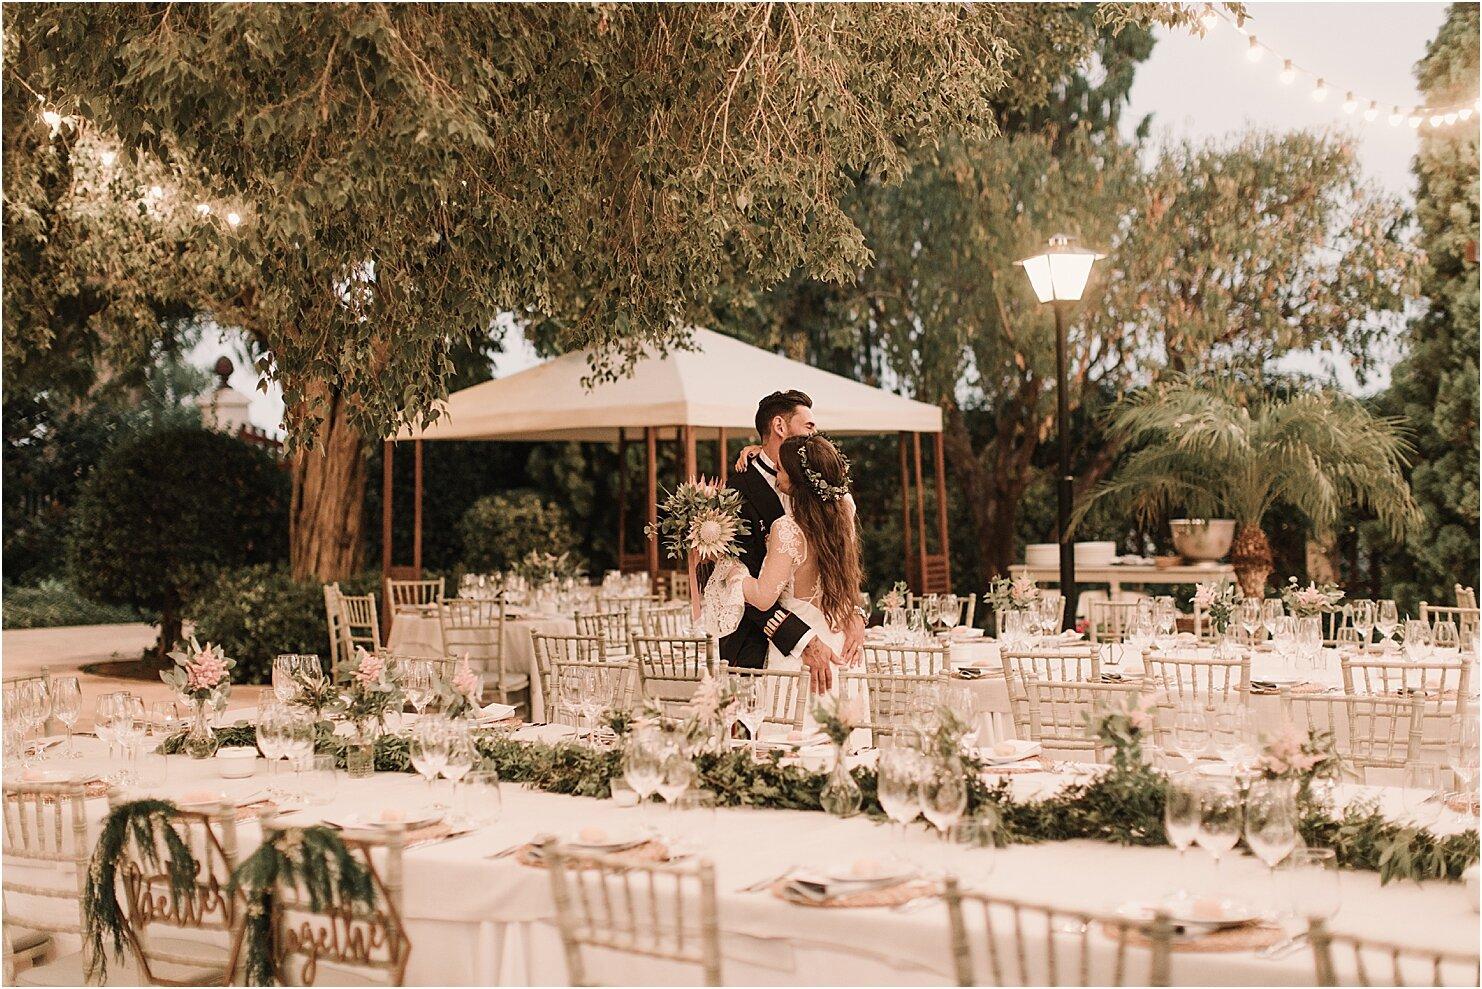 boda-romantica-boda-boho-vestido-de-novia-laura-lomas44.jpg